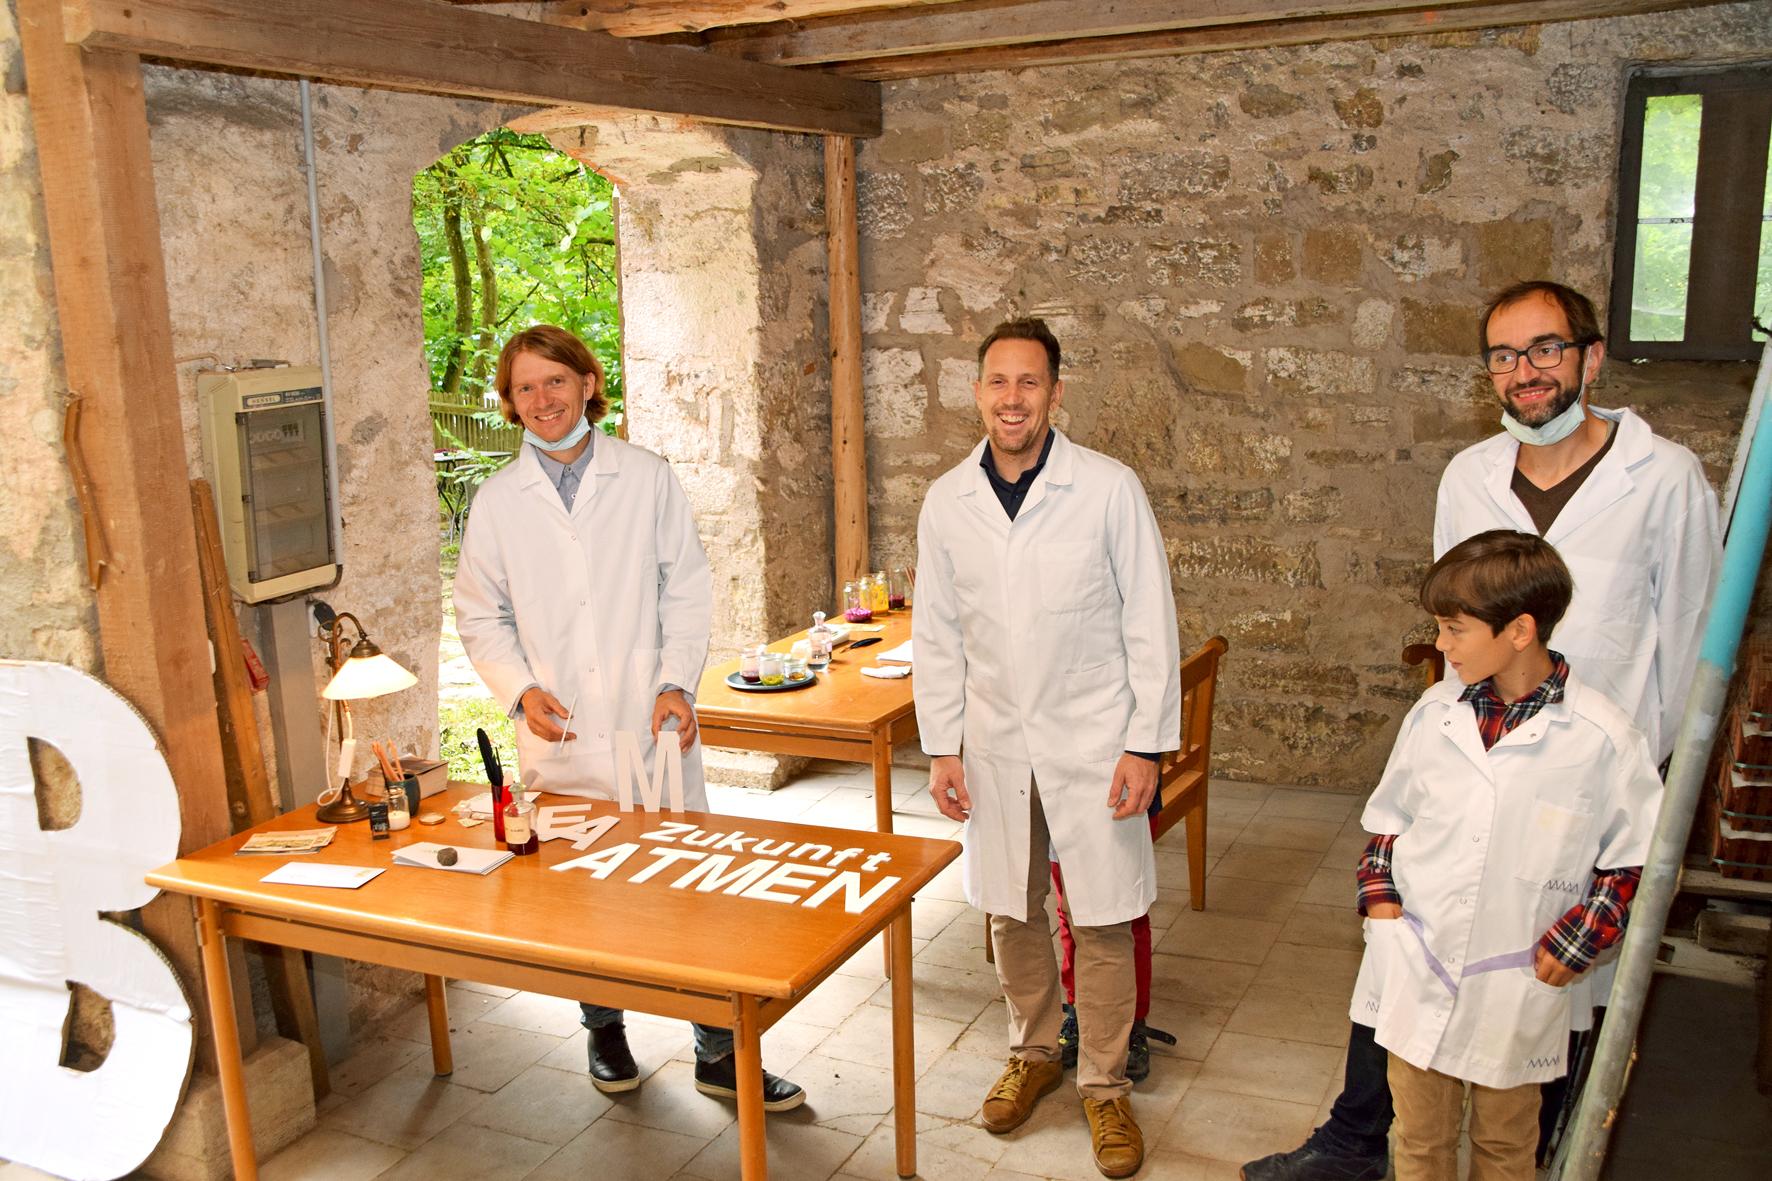 Markus Jeschaunig, Andreas Goritschnig und Bernhard König (mit Sohn) beim Luft-Poetik-Workshop. Foto: am